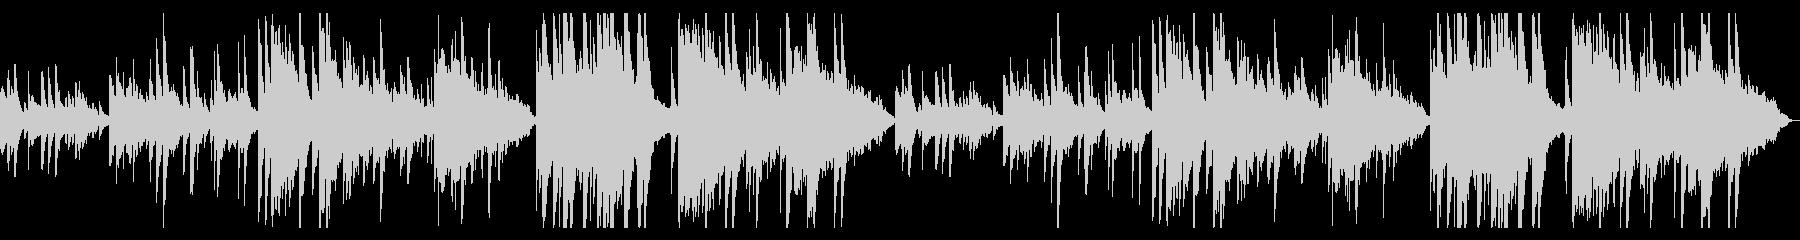 ピアノとオカリナの切ないBGMの未再生の波形